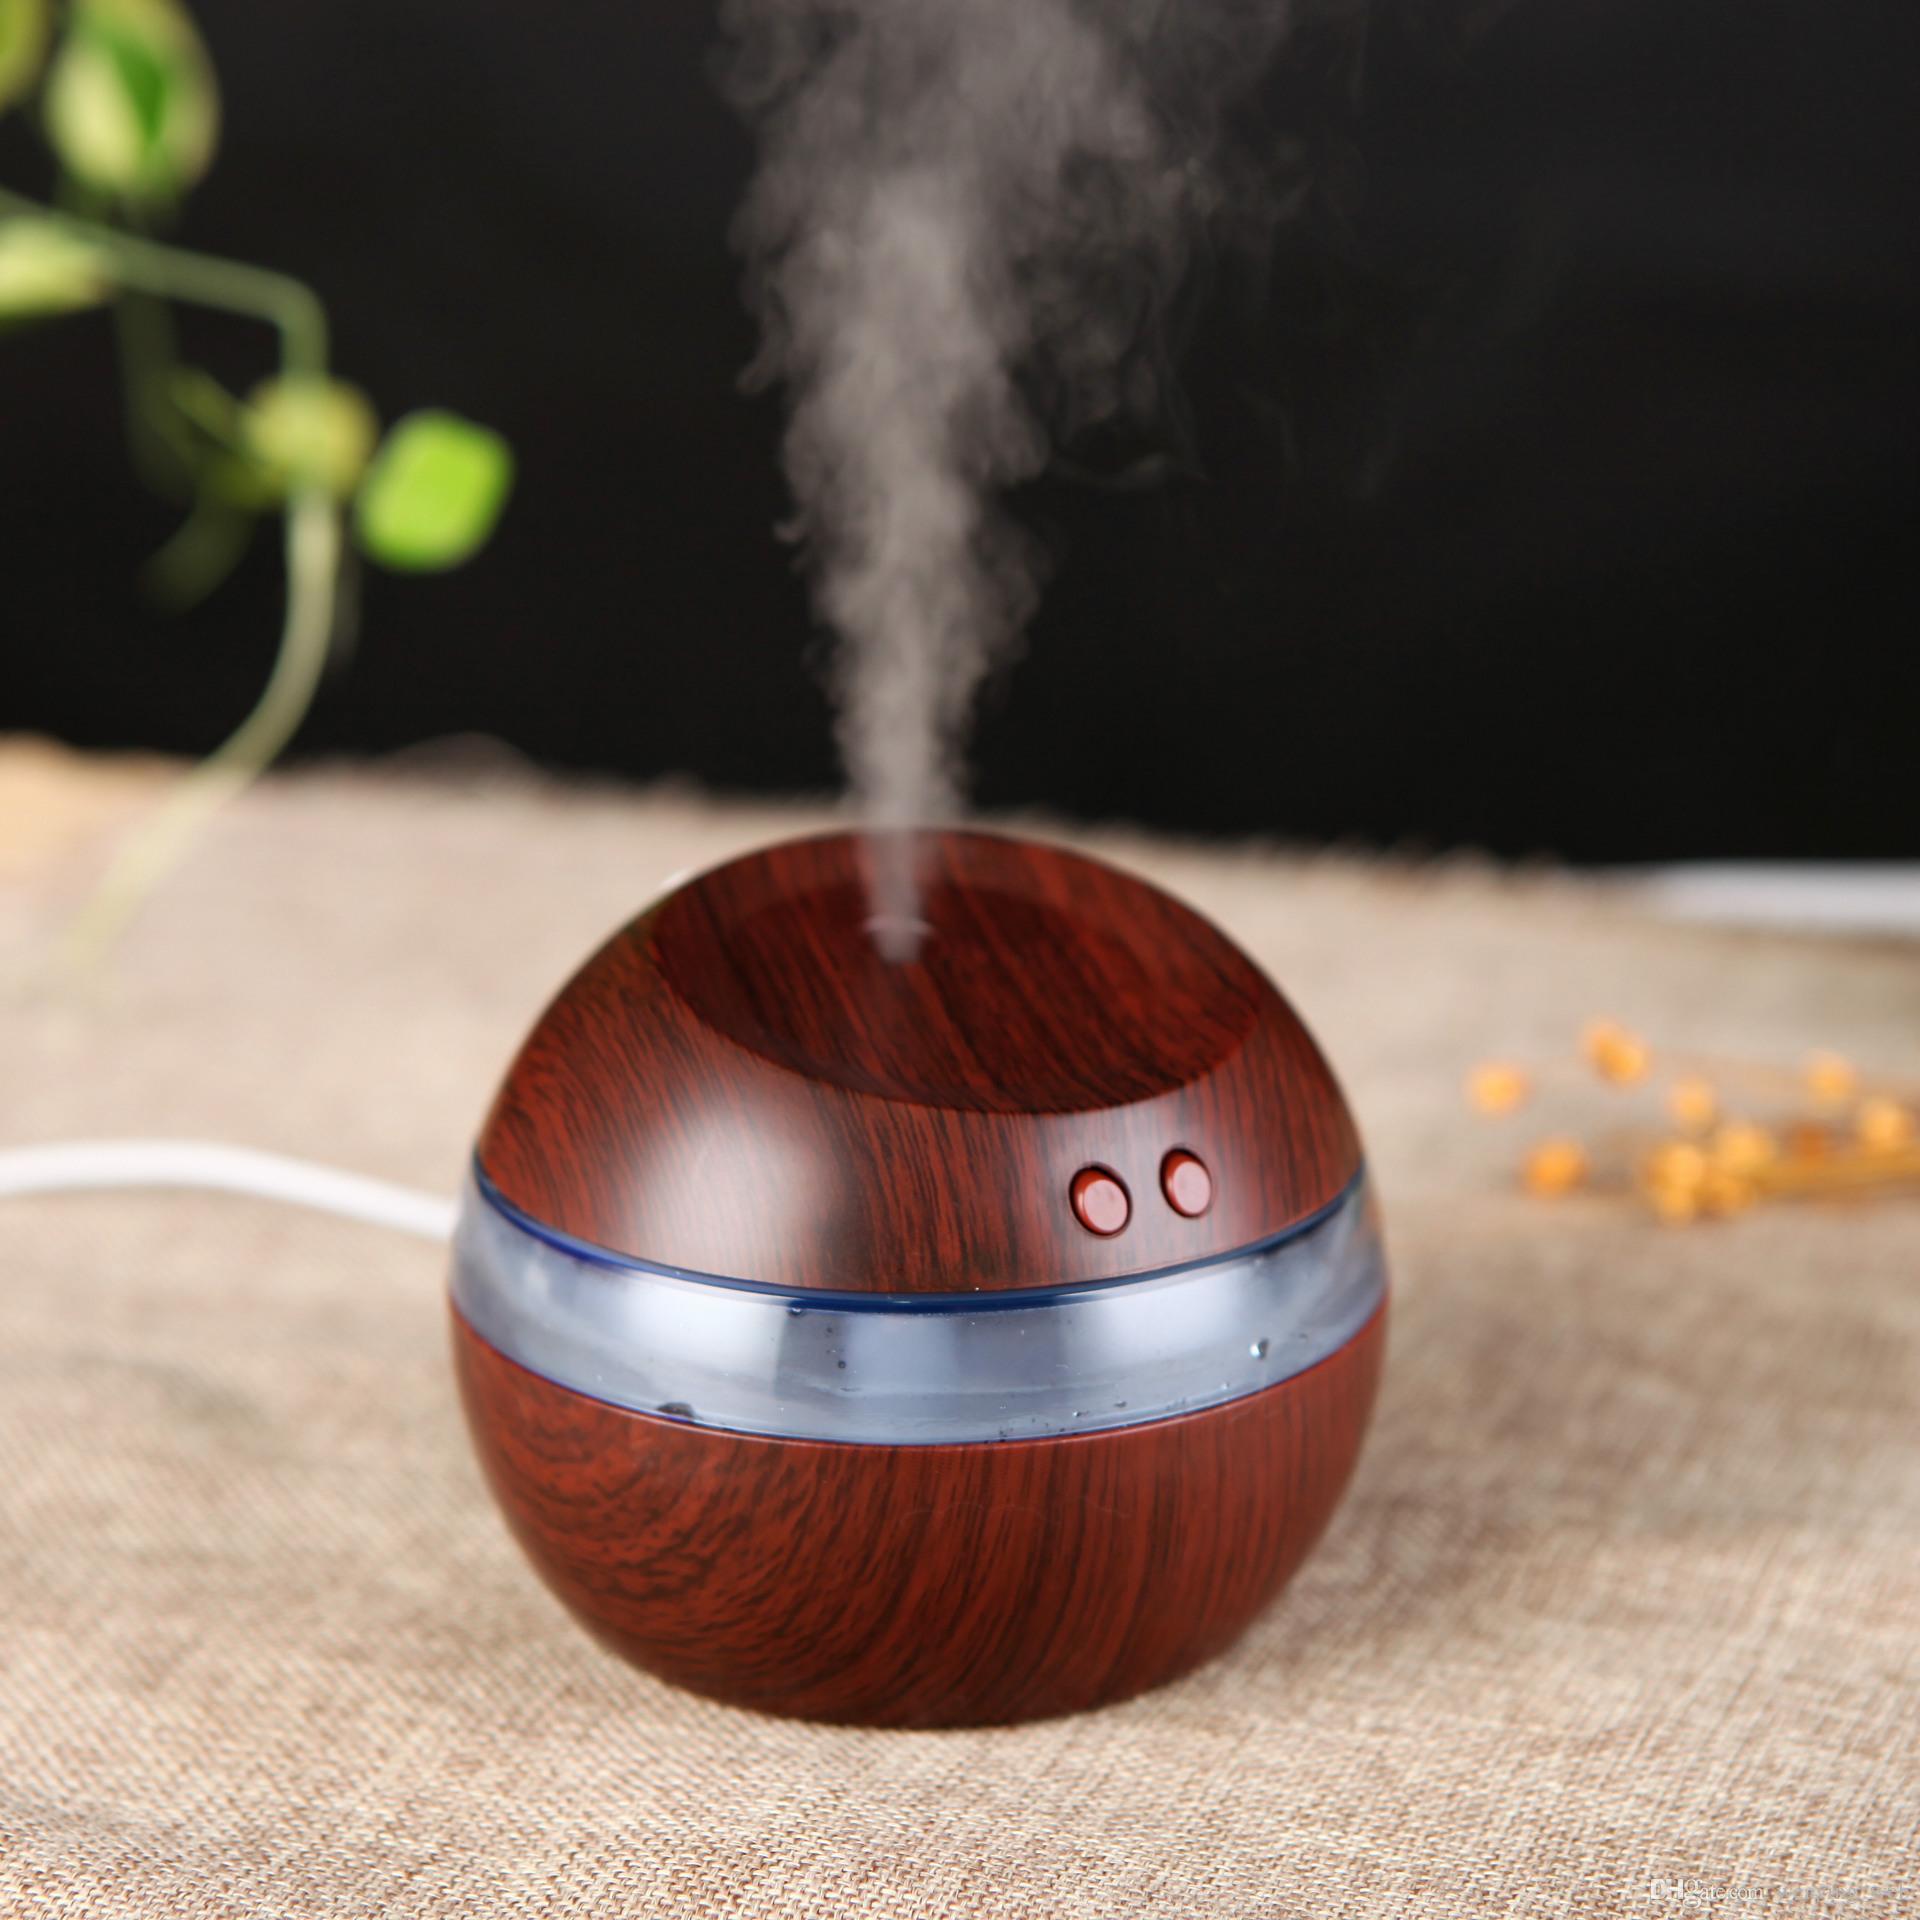 أرخص !! DHL USB المرطب بالموجات فوق الصوتية الخشب الحبوب من الضروري النفط الناشر 300ML صانع ضباب أضواء LED لحرية الملاحة